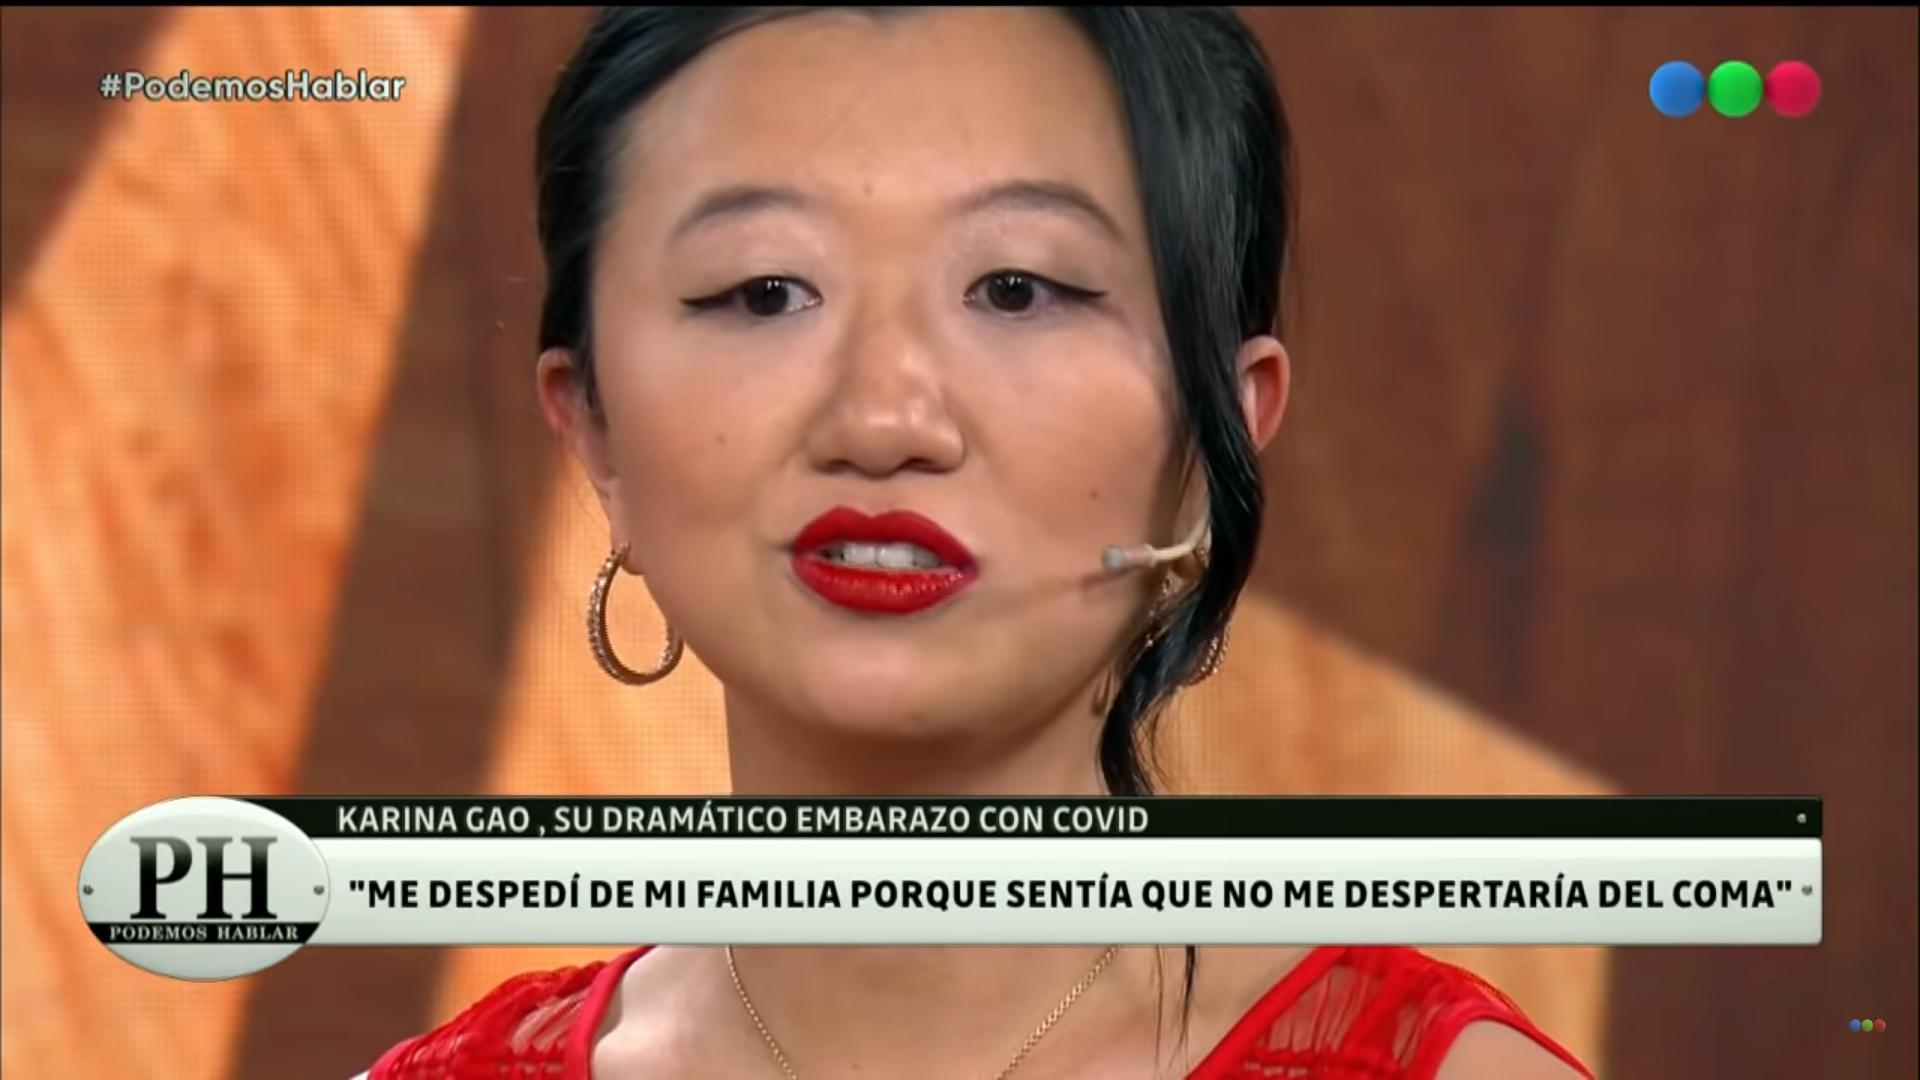 karina gao hablo sobre su dramatica internacion por coronavirus: me despedi de mi marido y grabe un video para mis hijos